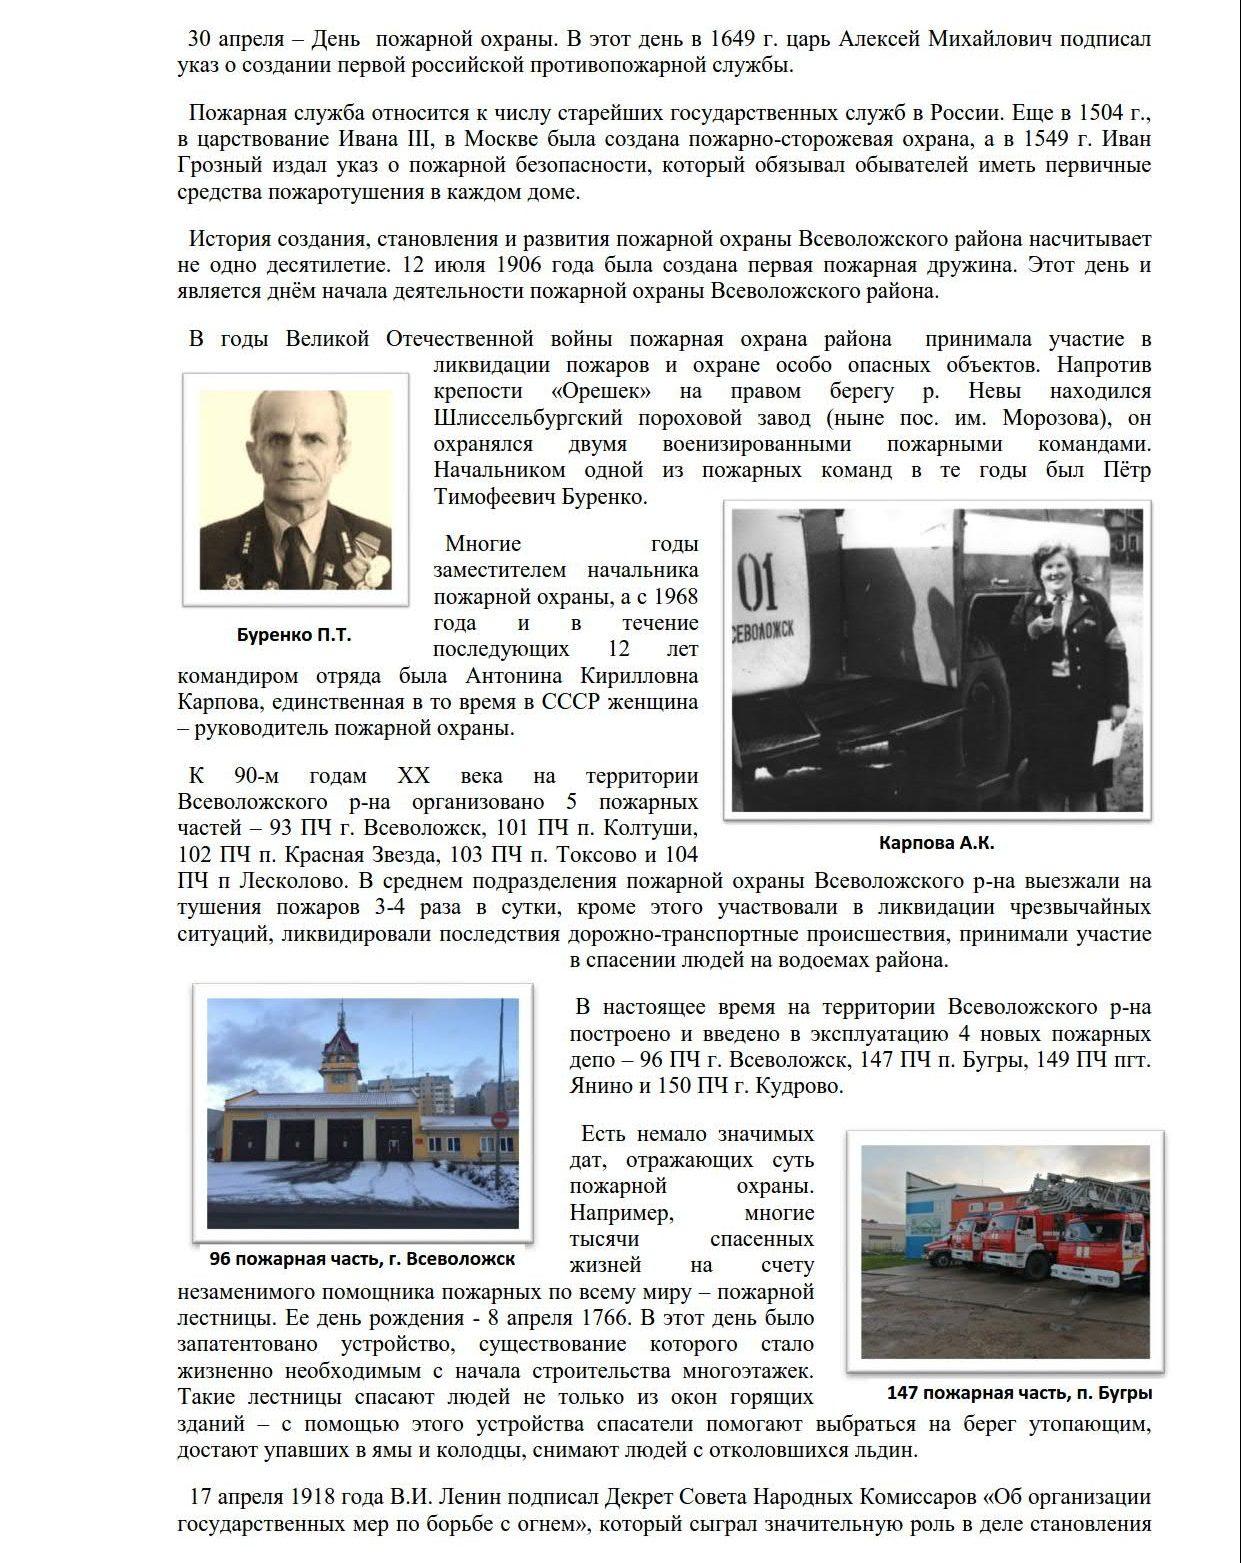 Статья (1)_1